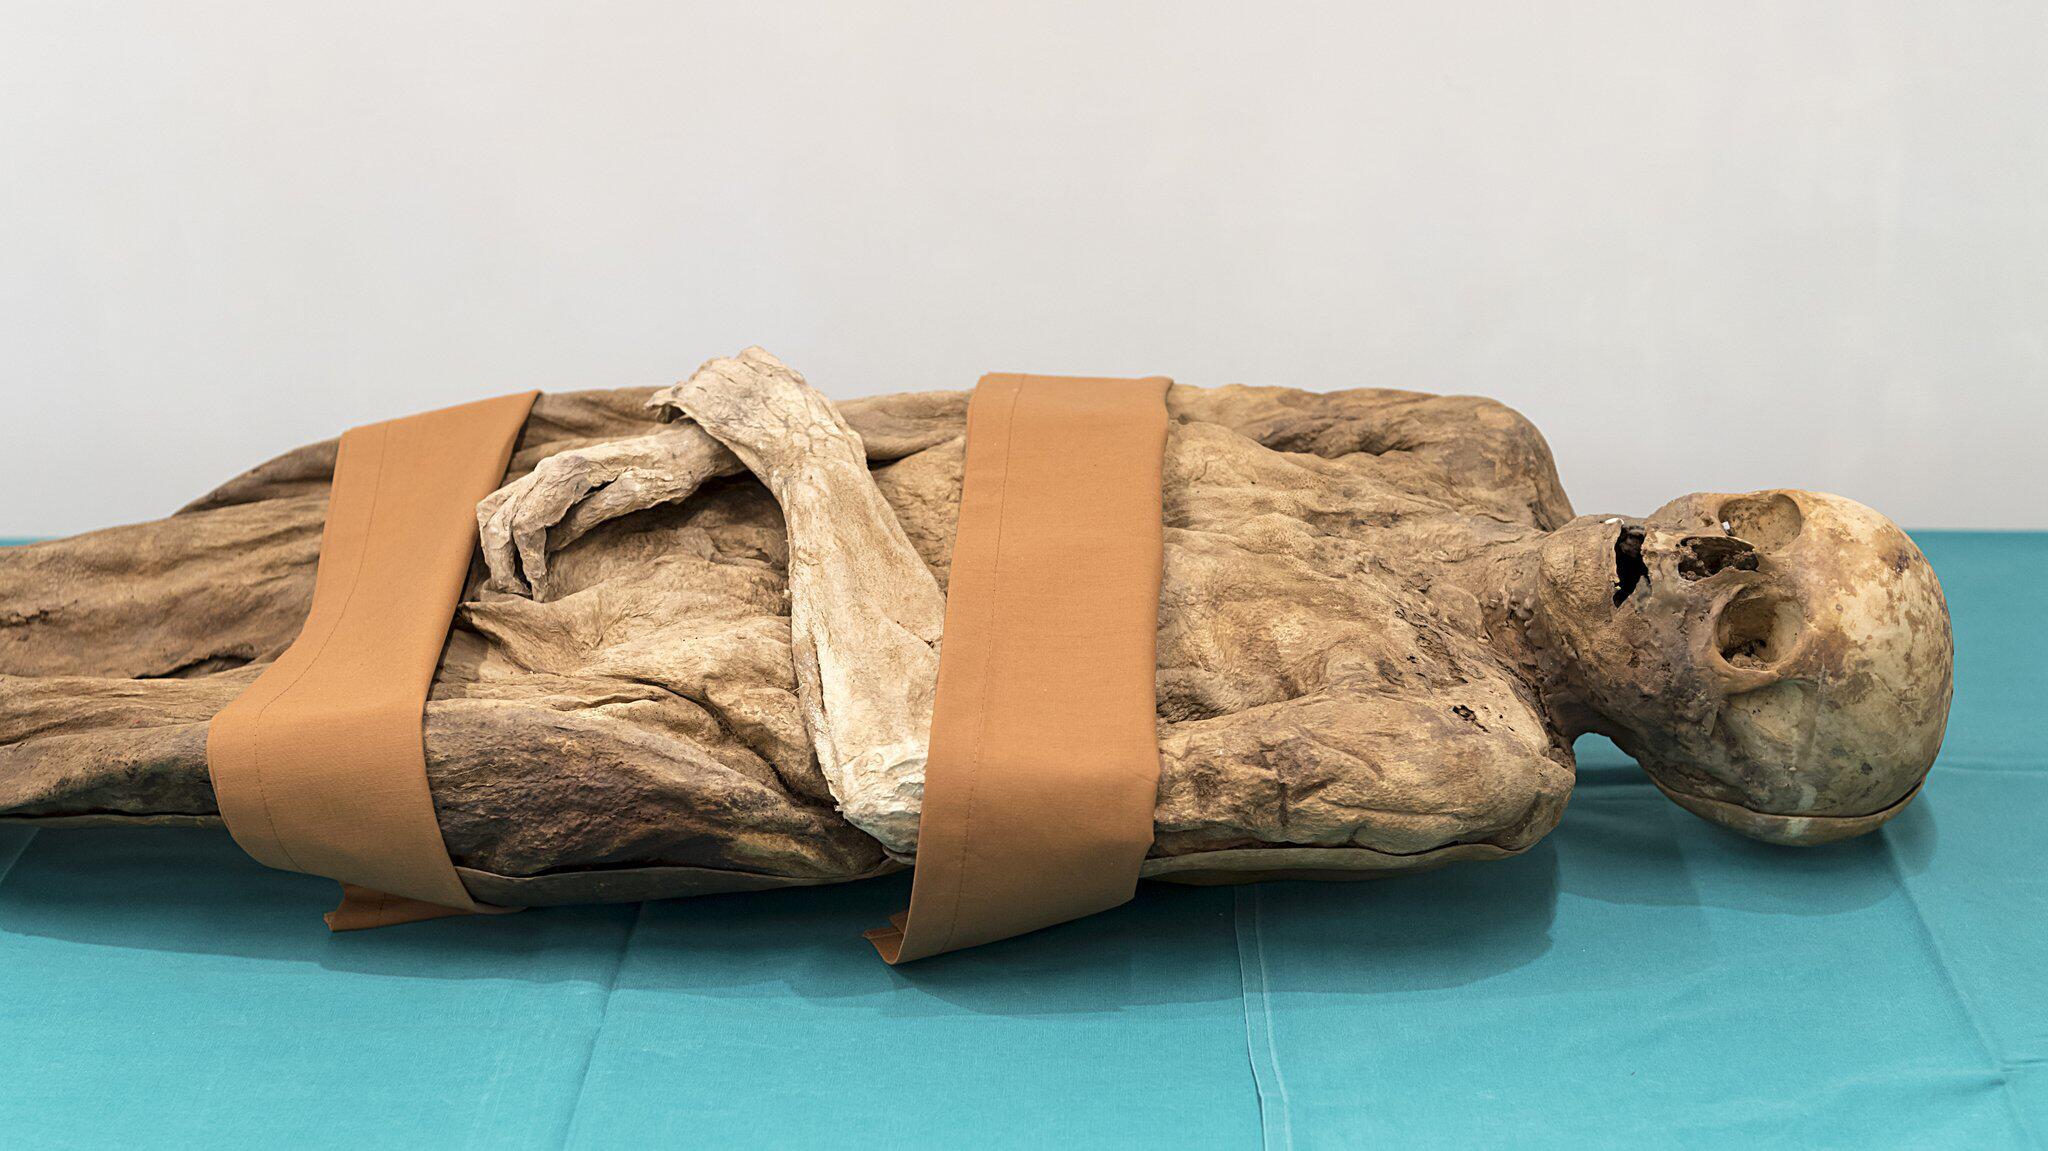 Bild zu Identifizierung der Barfüsser-Mumie